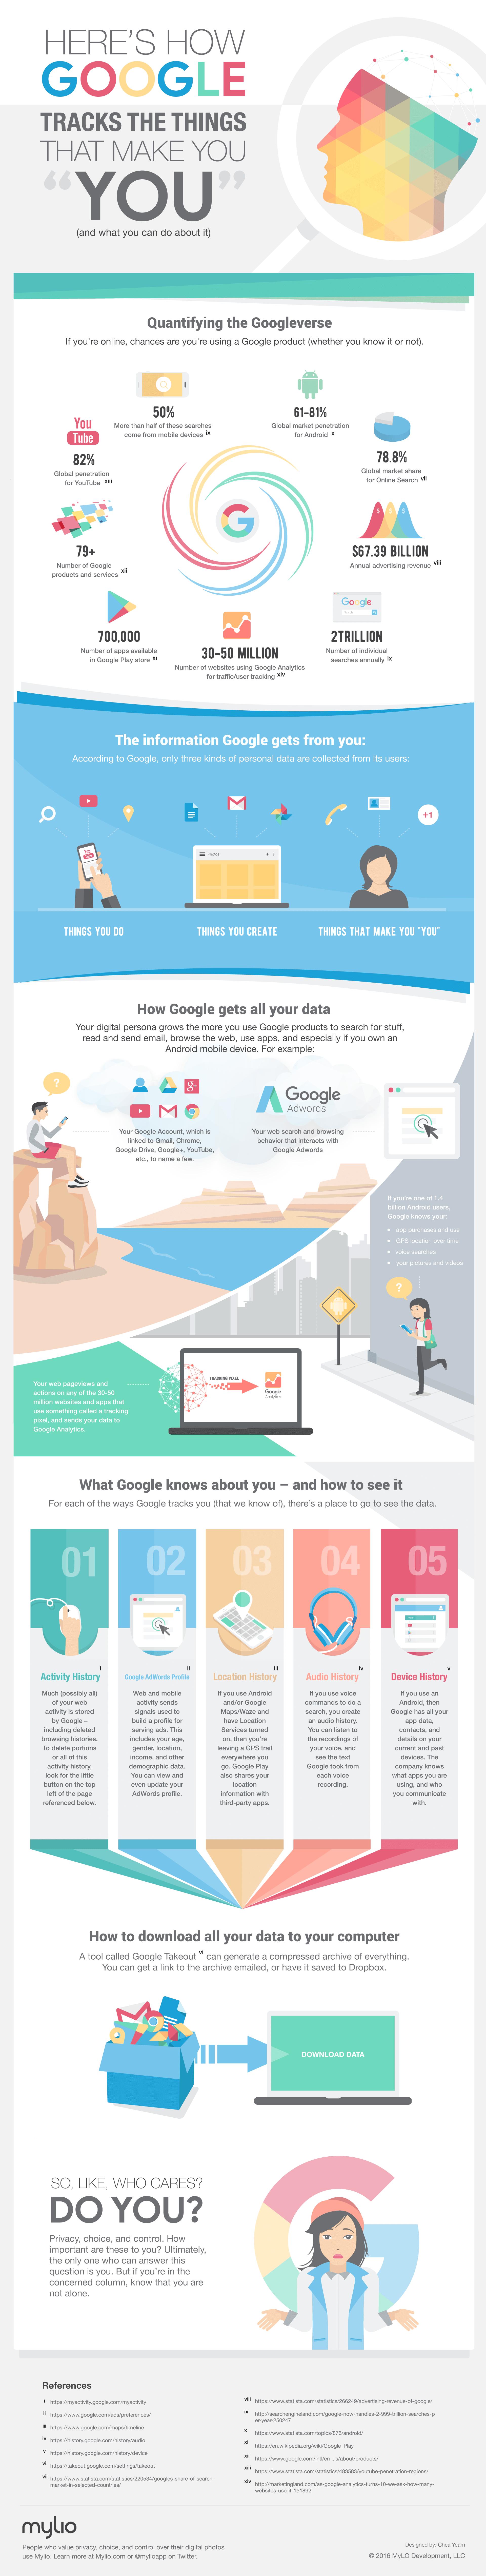 How Google Tracks You